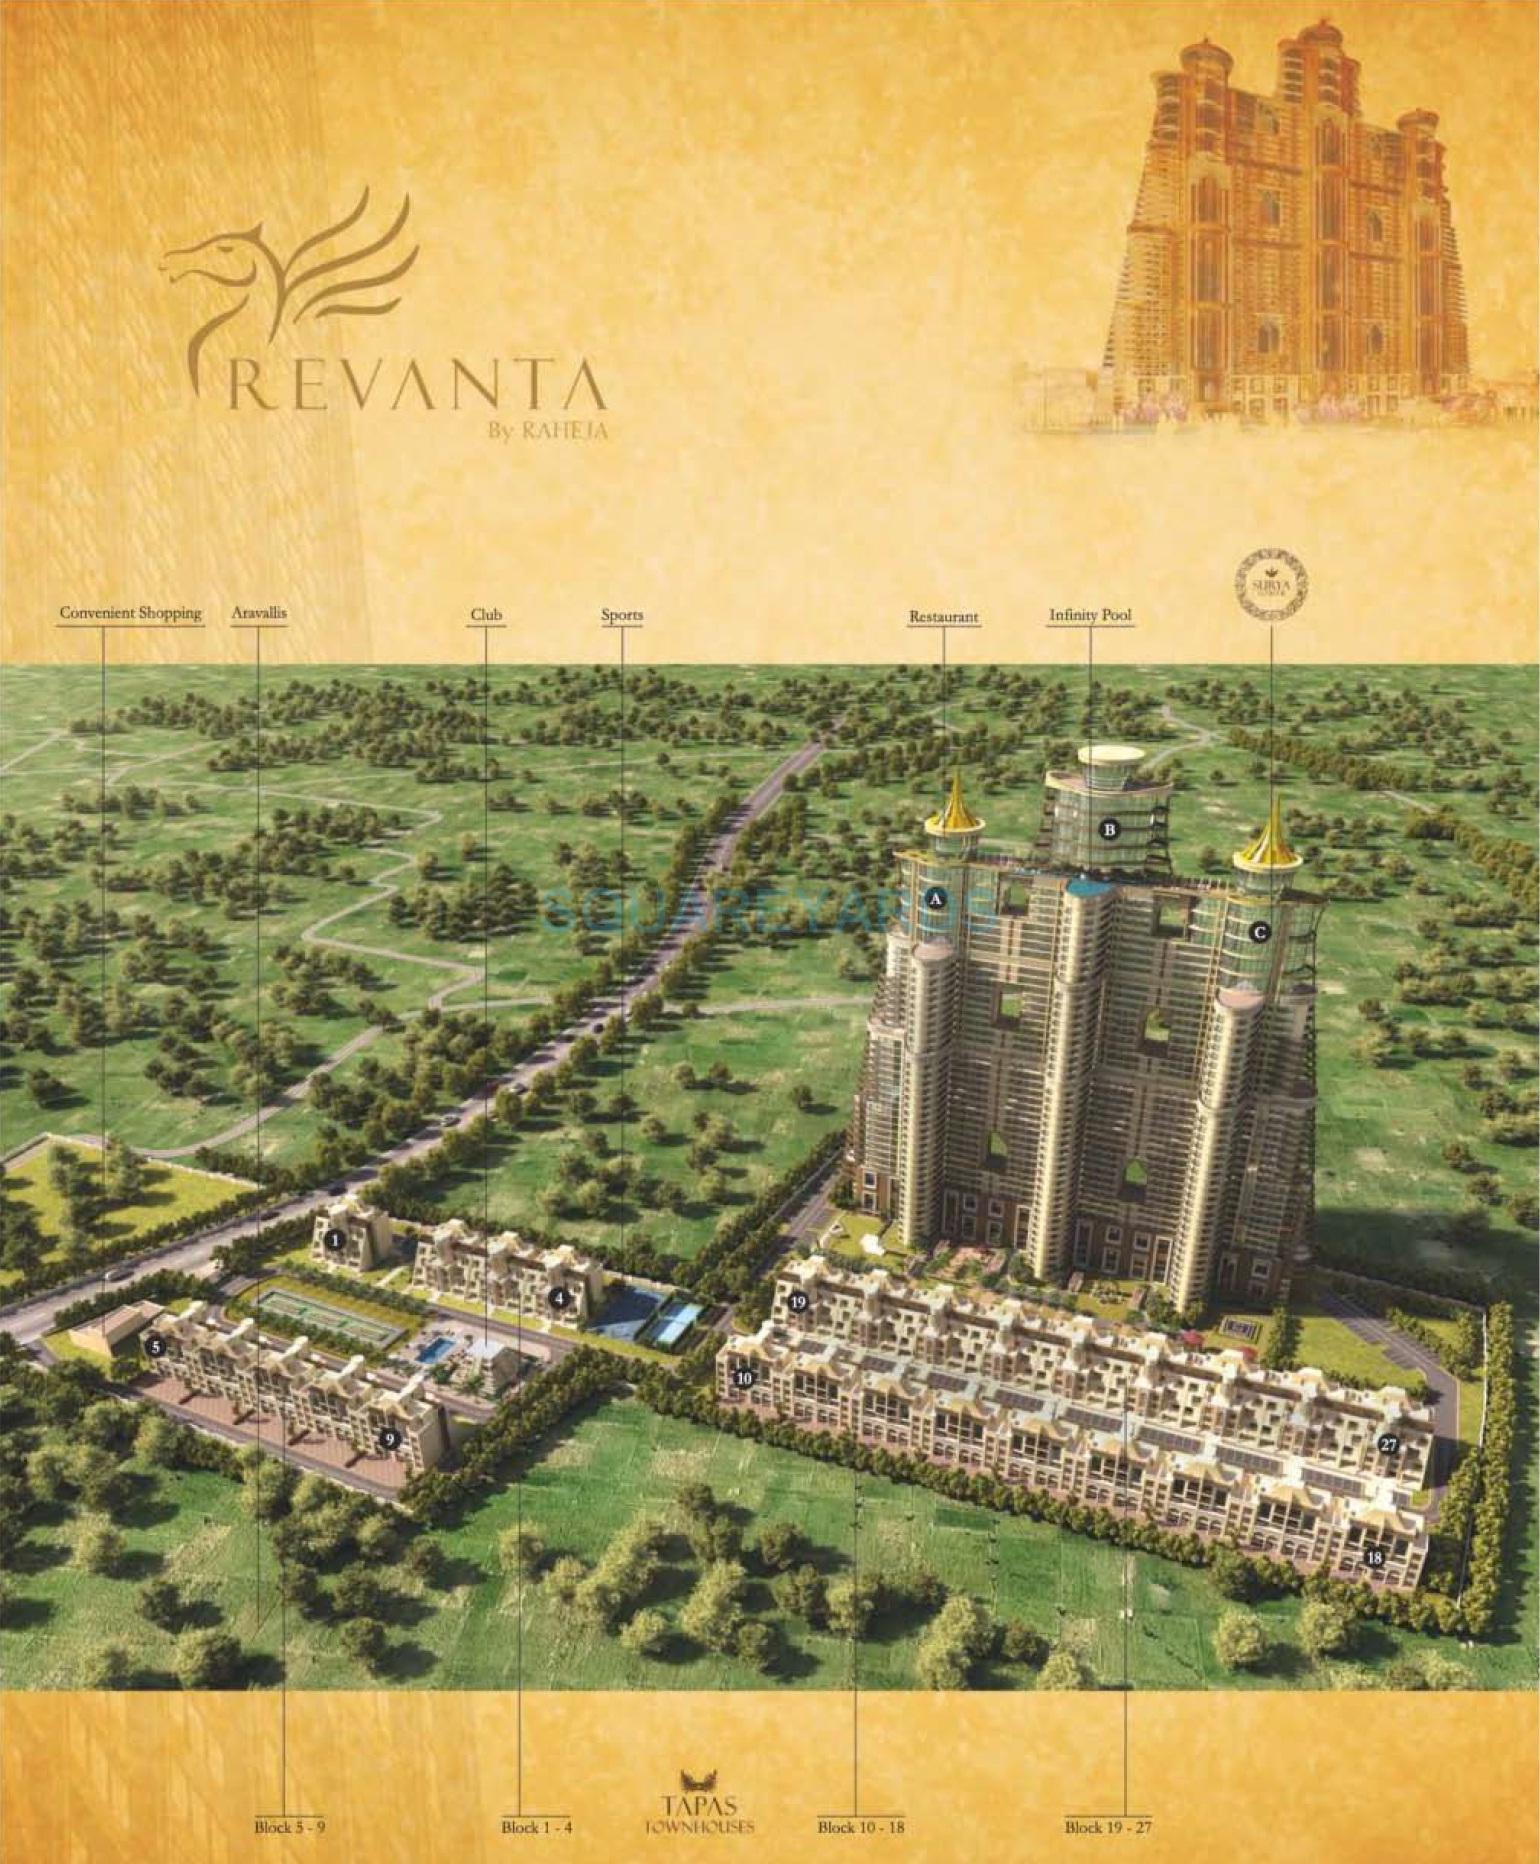 raheja revanta surya tower master plan image1